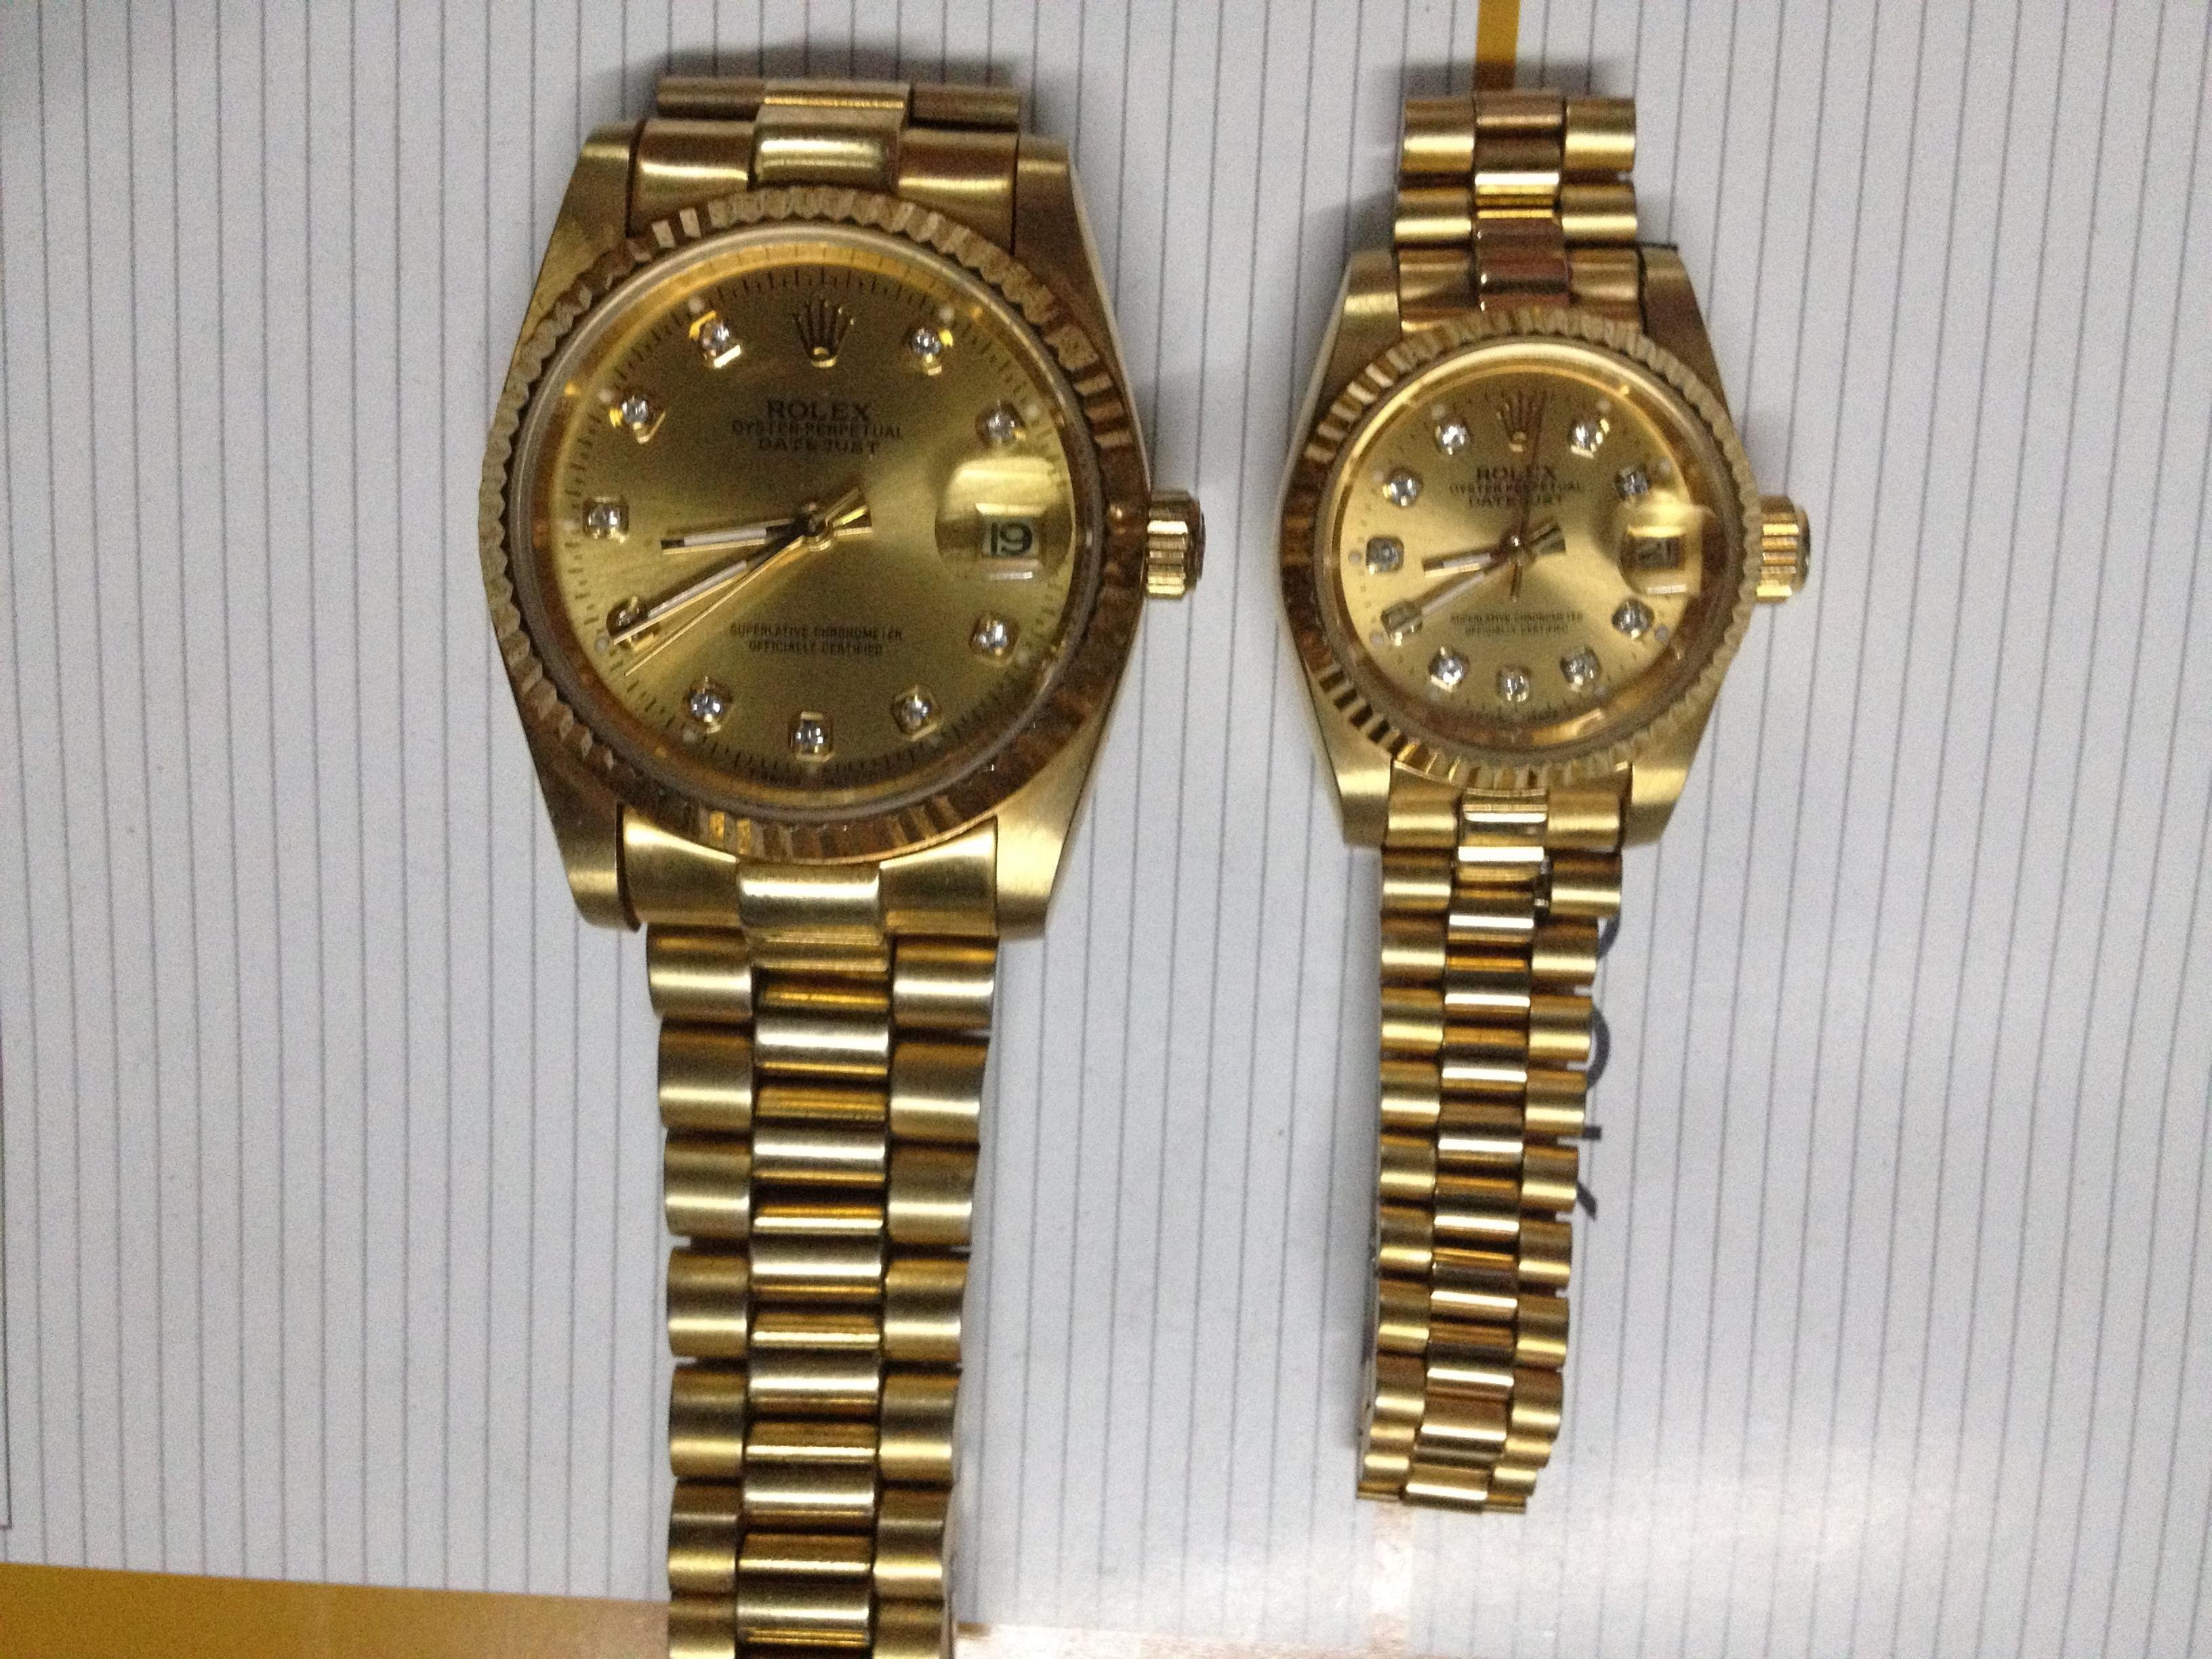 一款80年代劳力士情侣手表珍藏到现在能值多少钱?保存图片